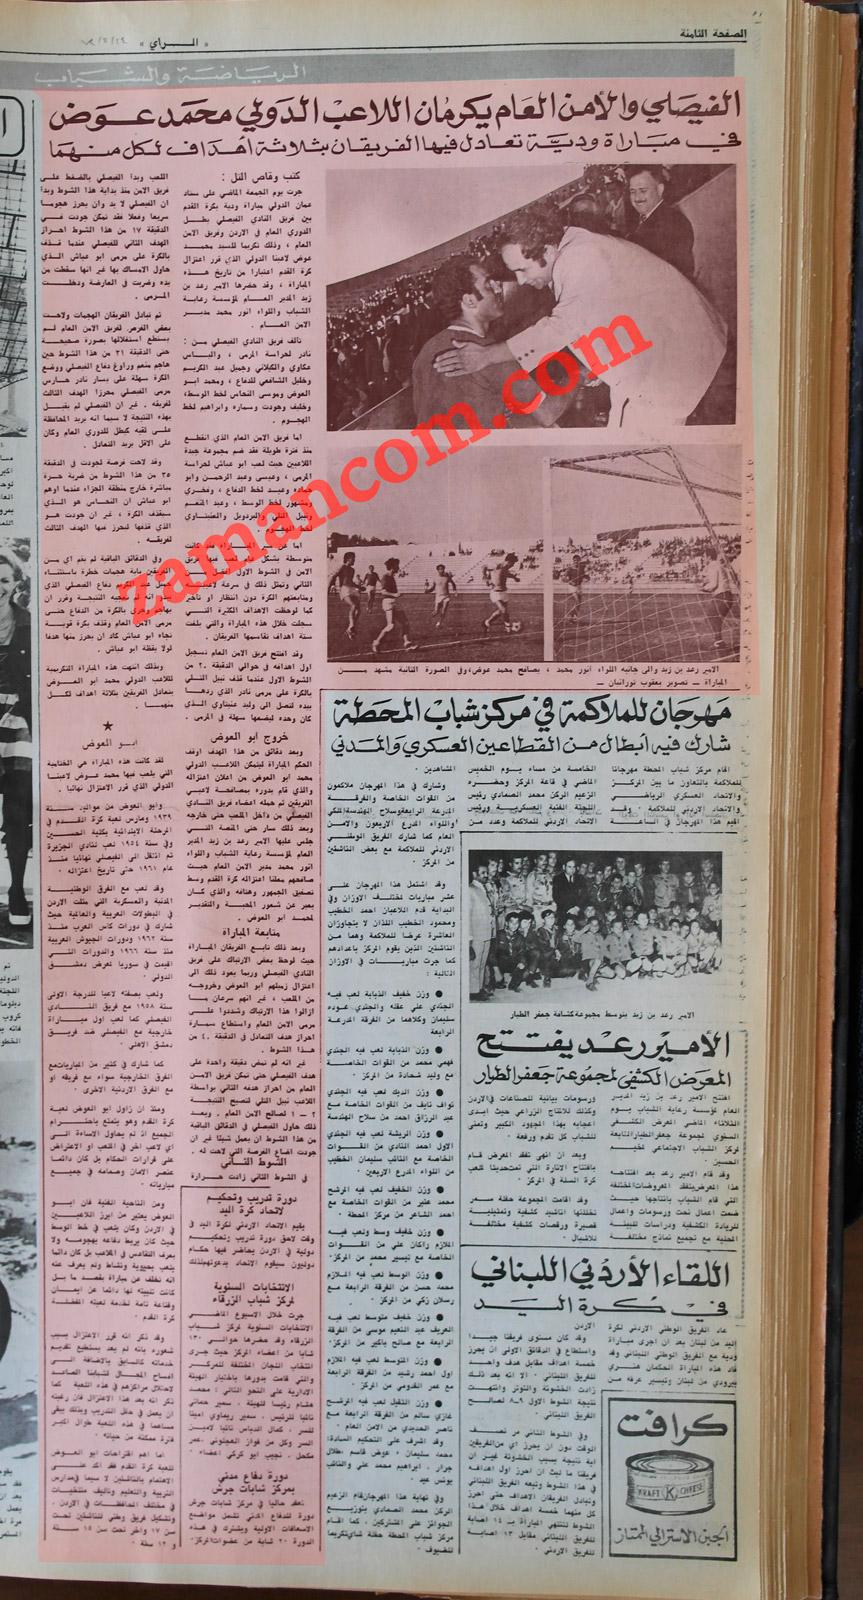 تفاصيل الخبر كما نشرته الرأي في أيار 1972